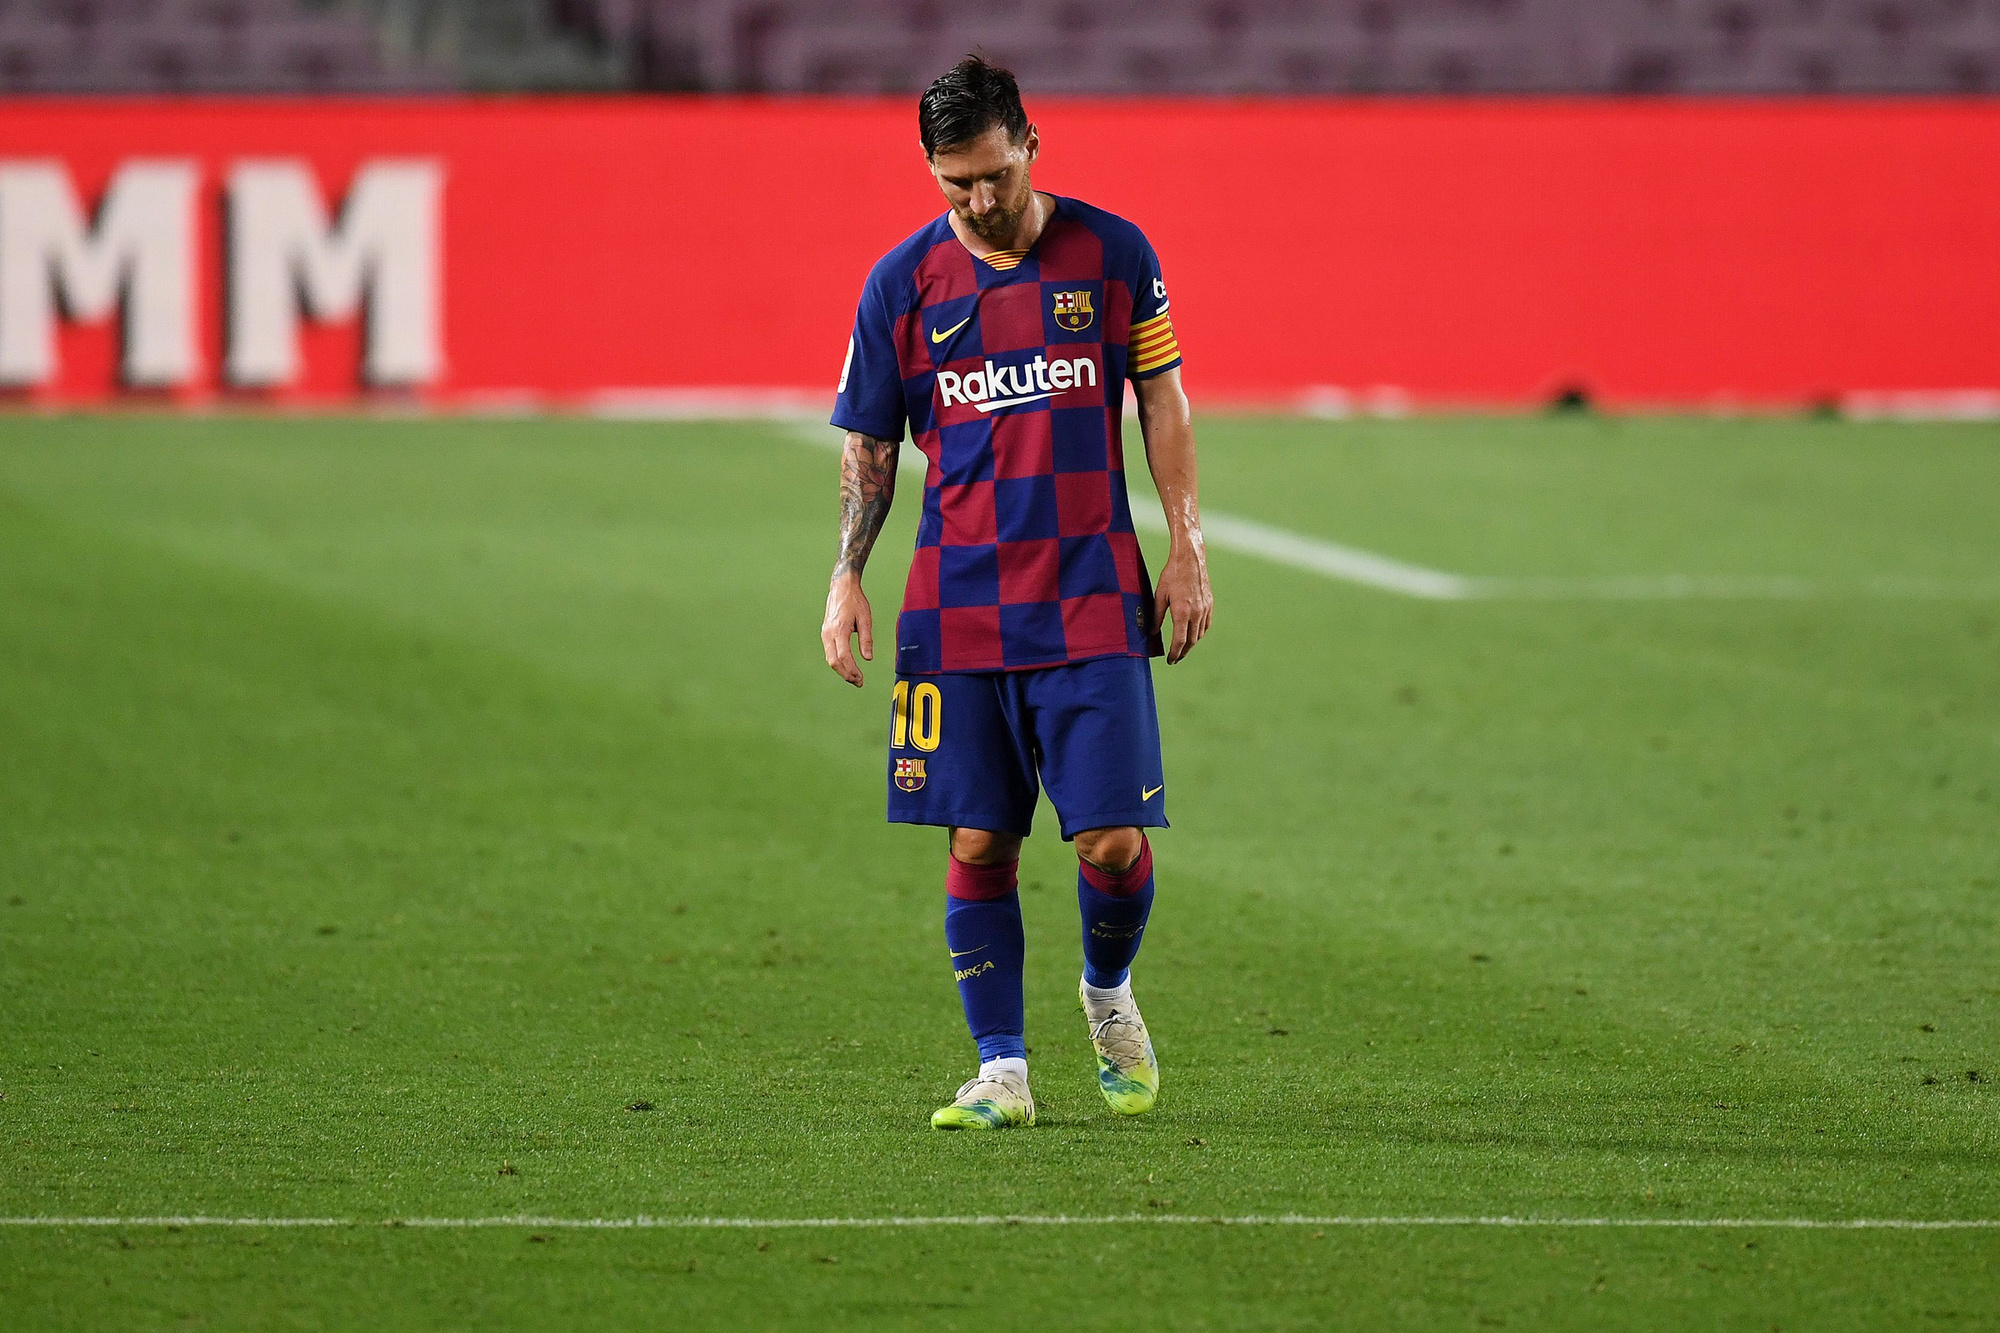 Het werd een rampzalig seizoen voor Barcelona, maar niet voor Messi, GETTY